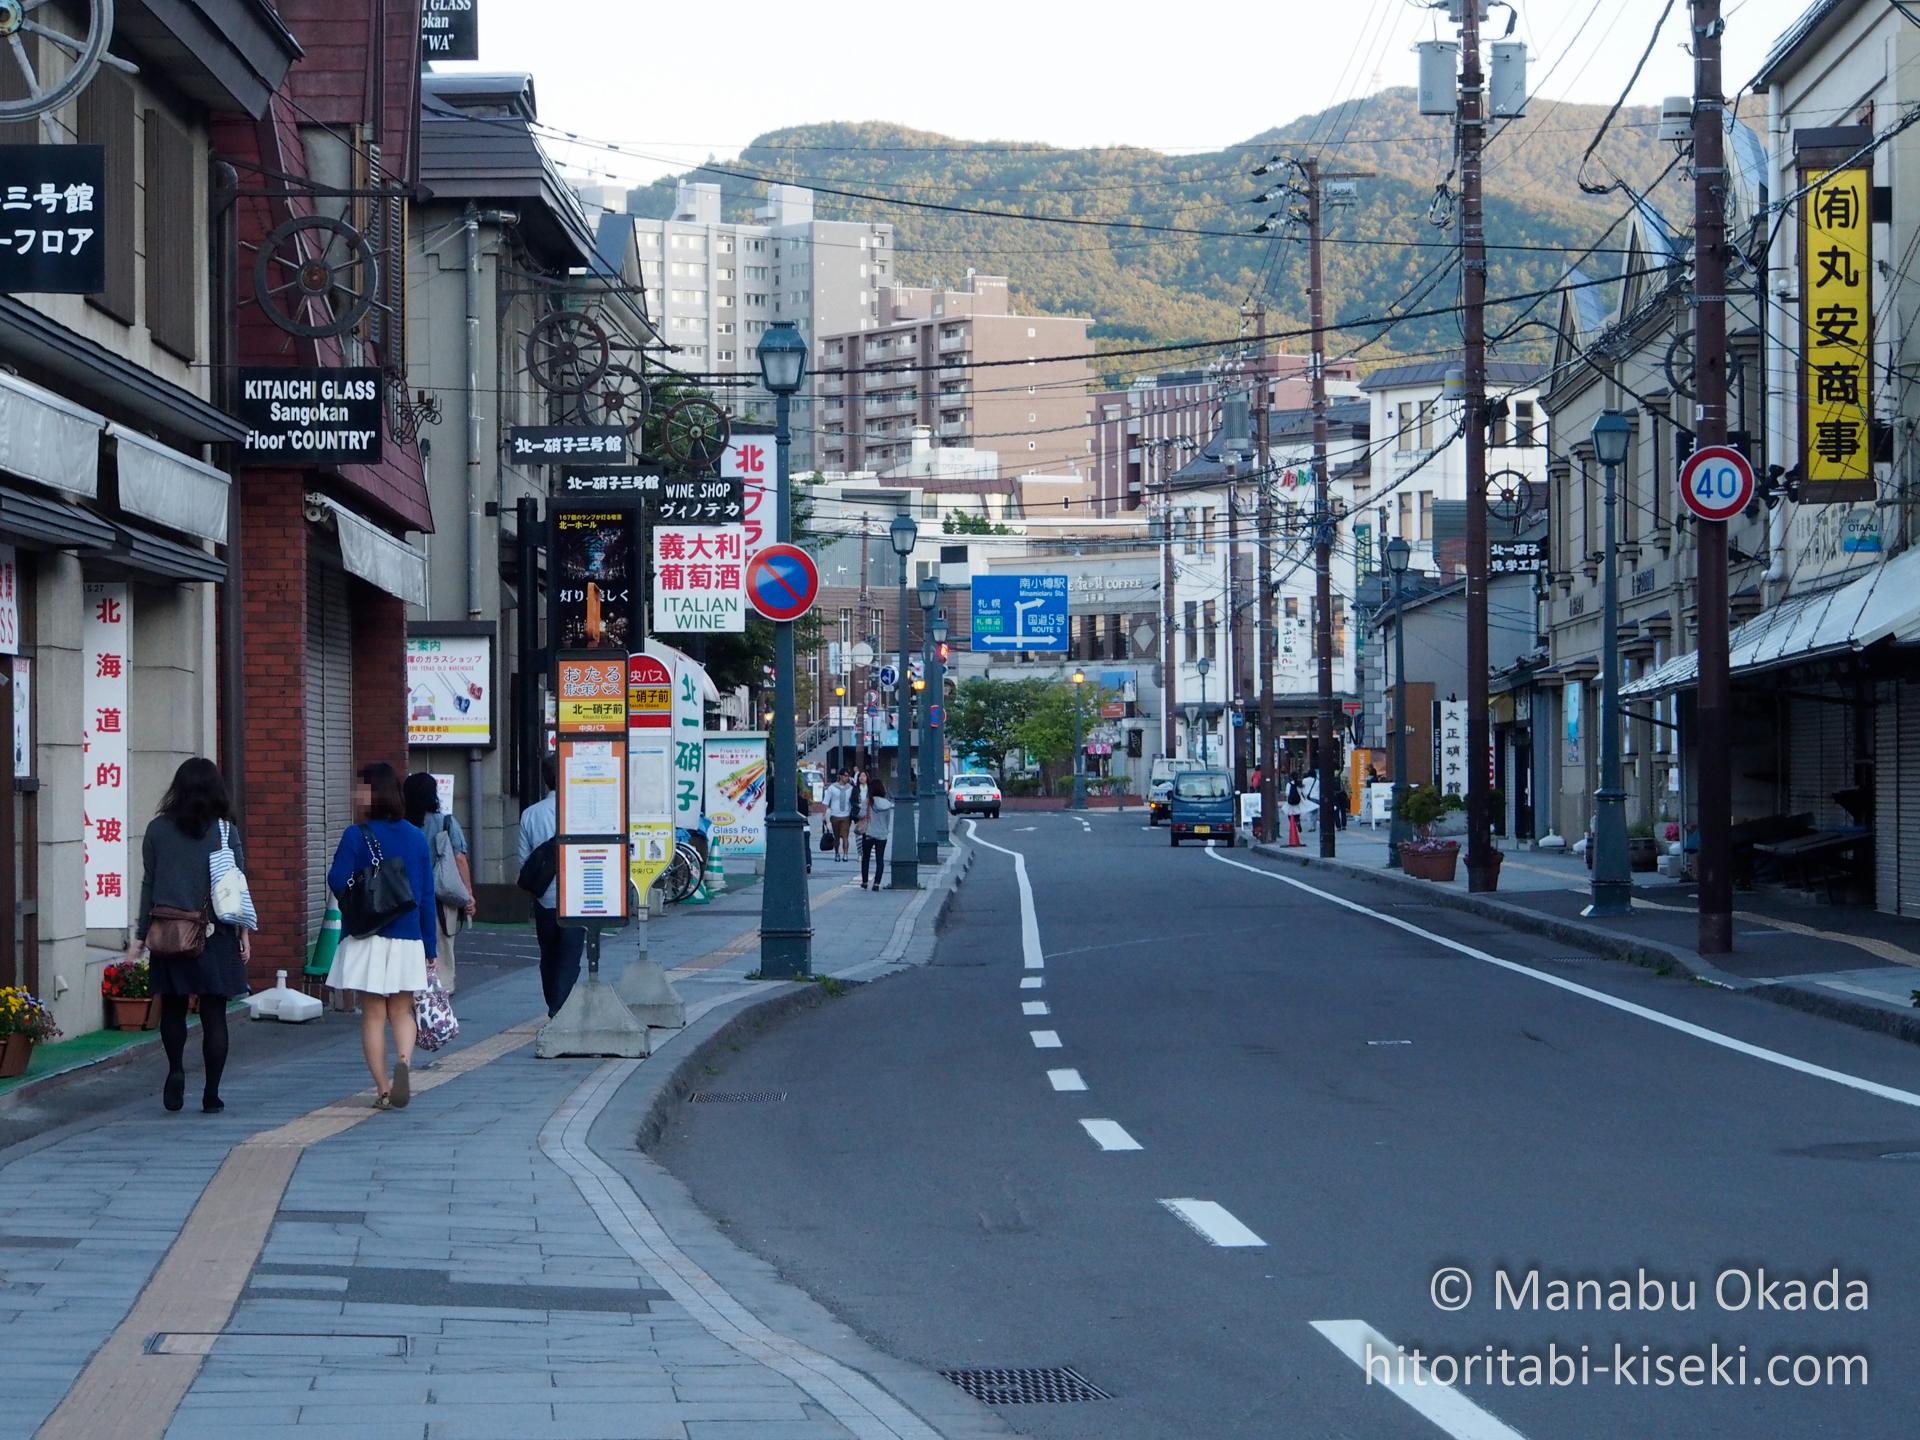 marchen-street-01.jpg